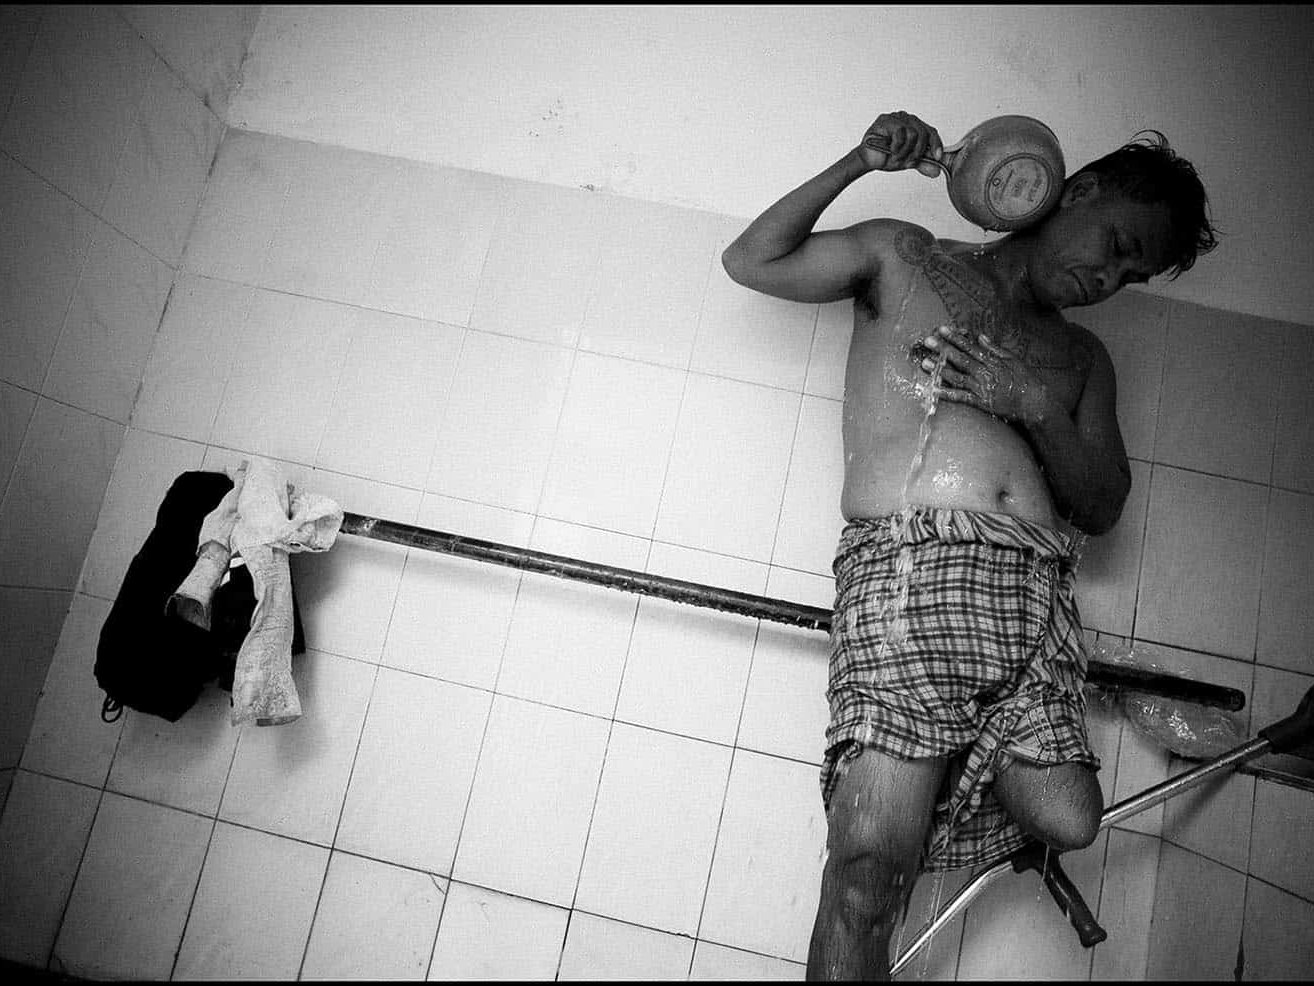 vietnam photographer possible life binhdang 11